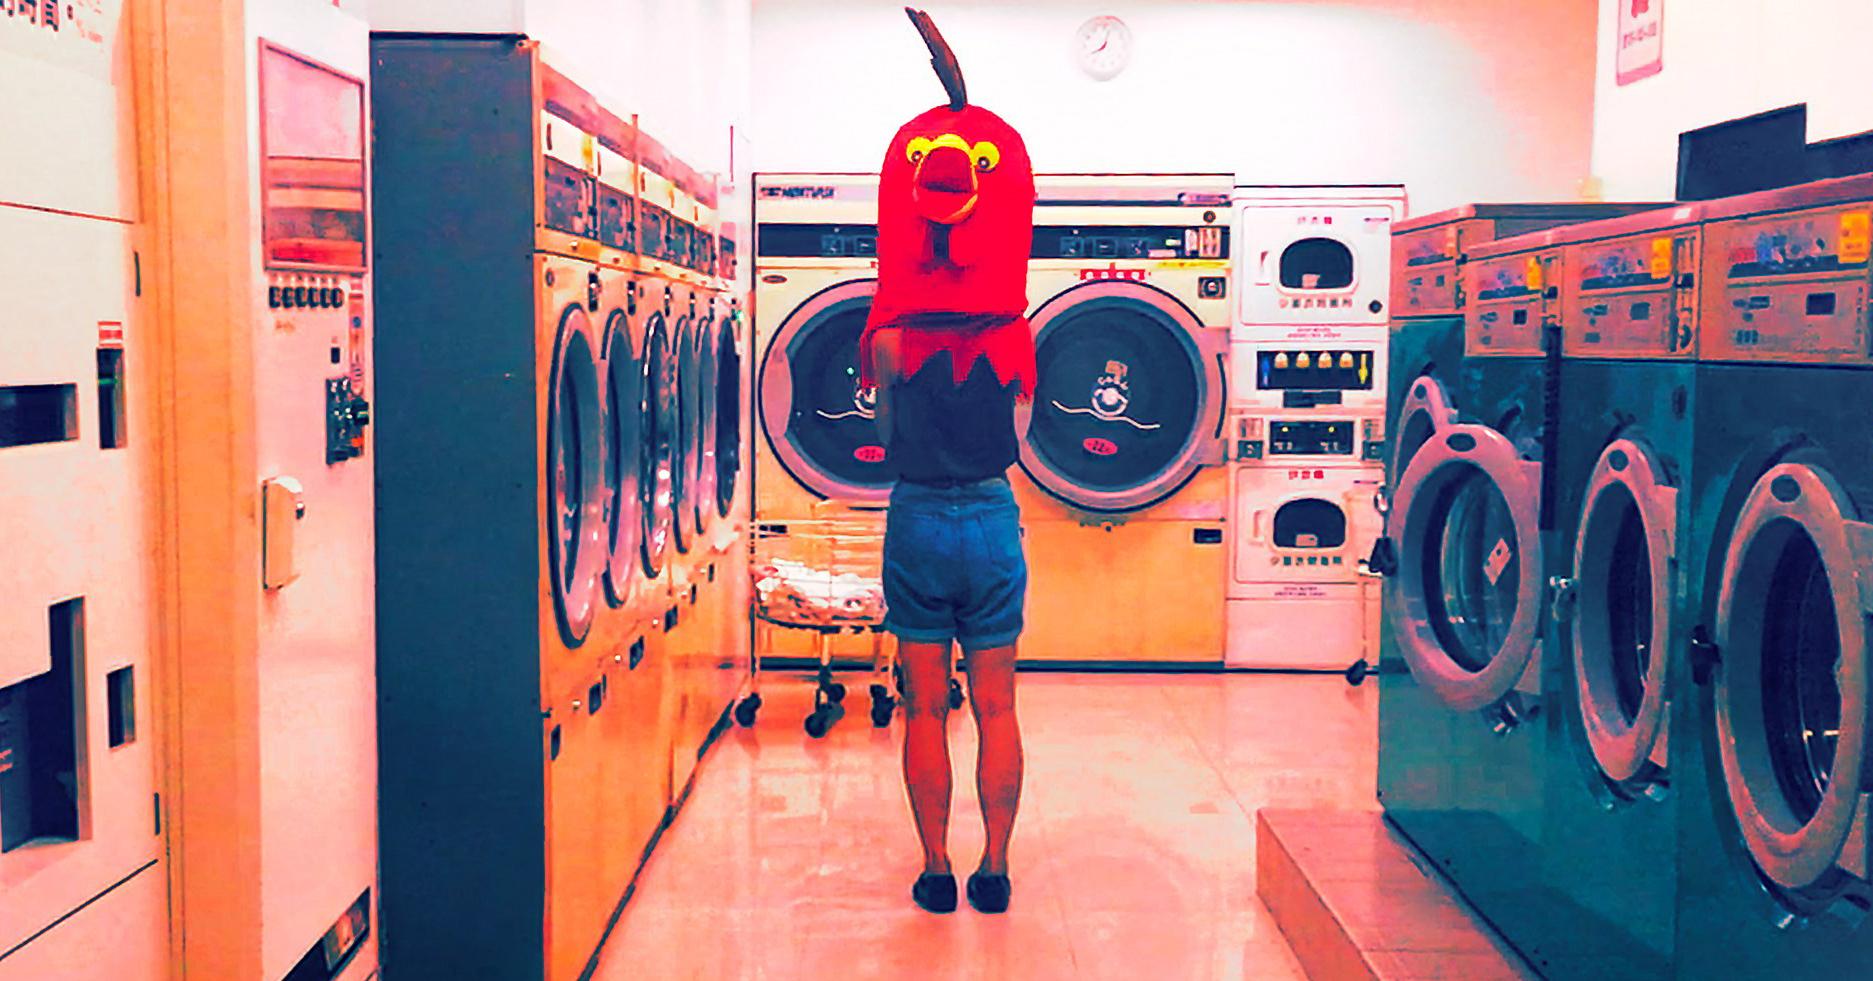 賈茜茹「這是一個在自助洗衣店的故事」:一部懸疑驚悚的愛情故事